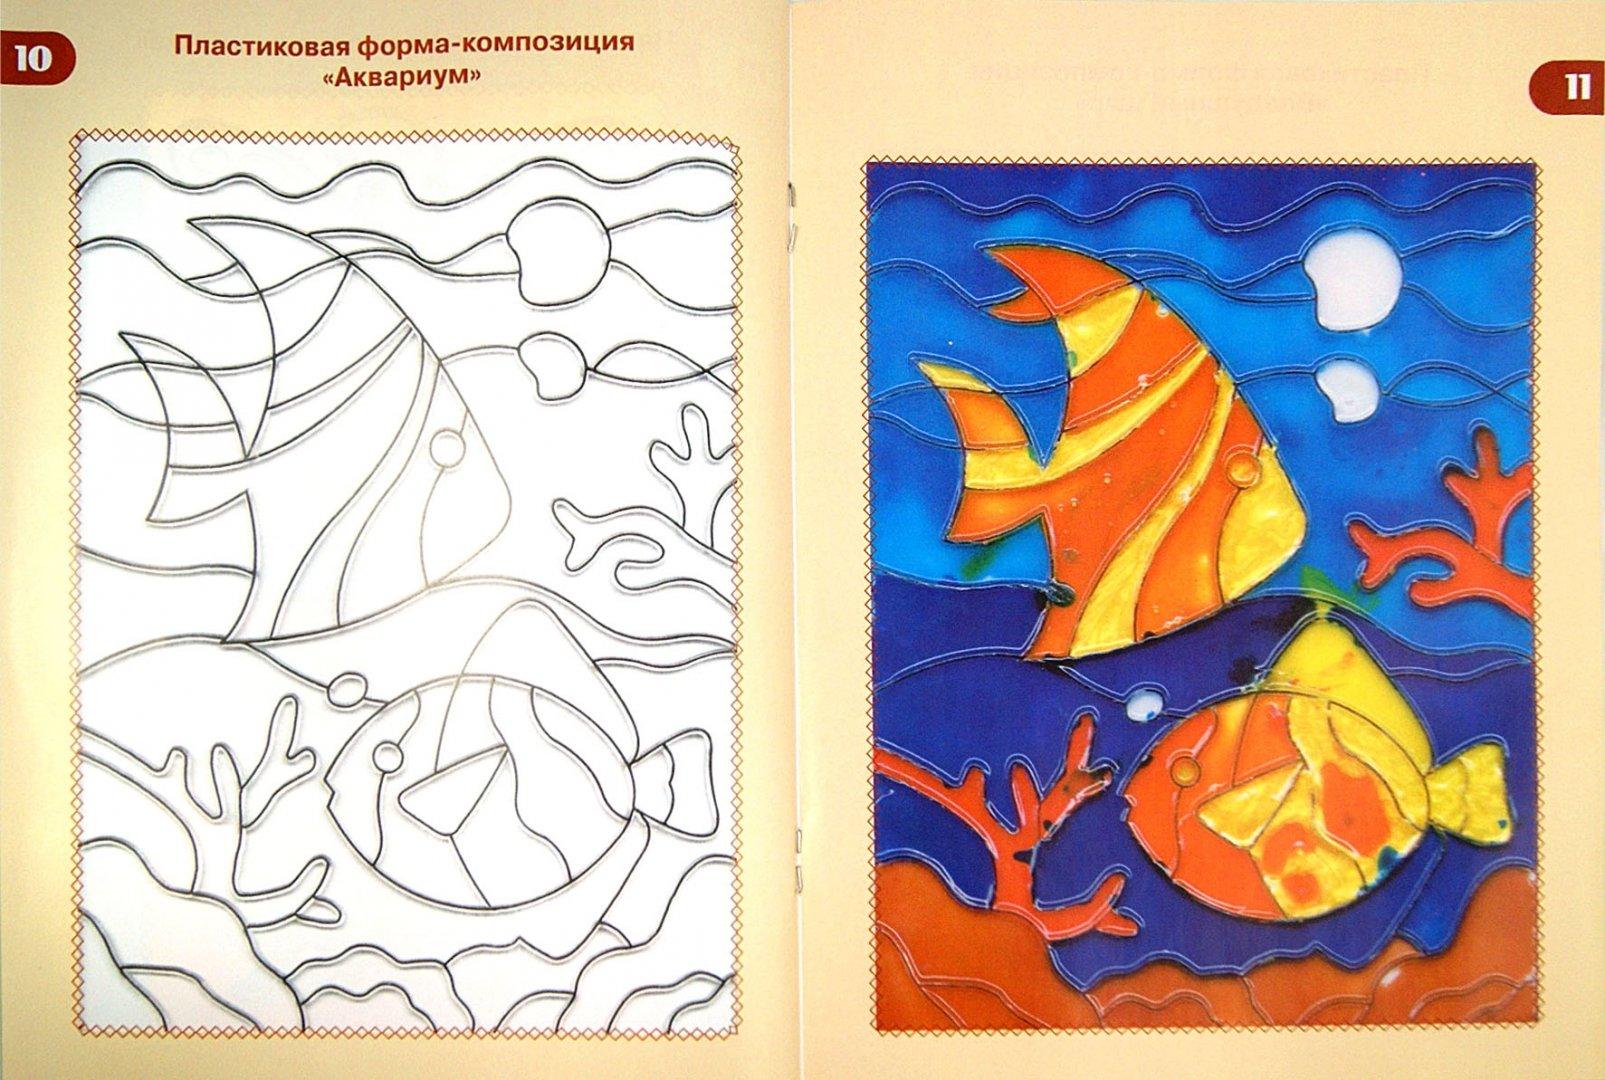 нерассасывающихся мозаика из пластилина картинки шаблоны нам требуется напоминание